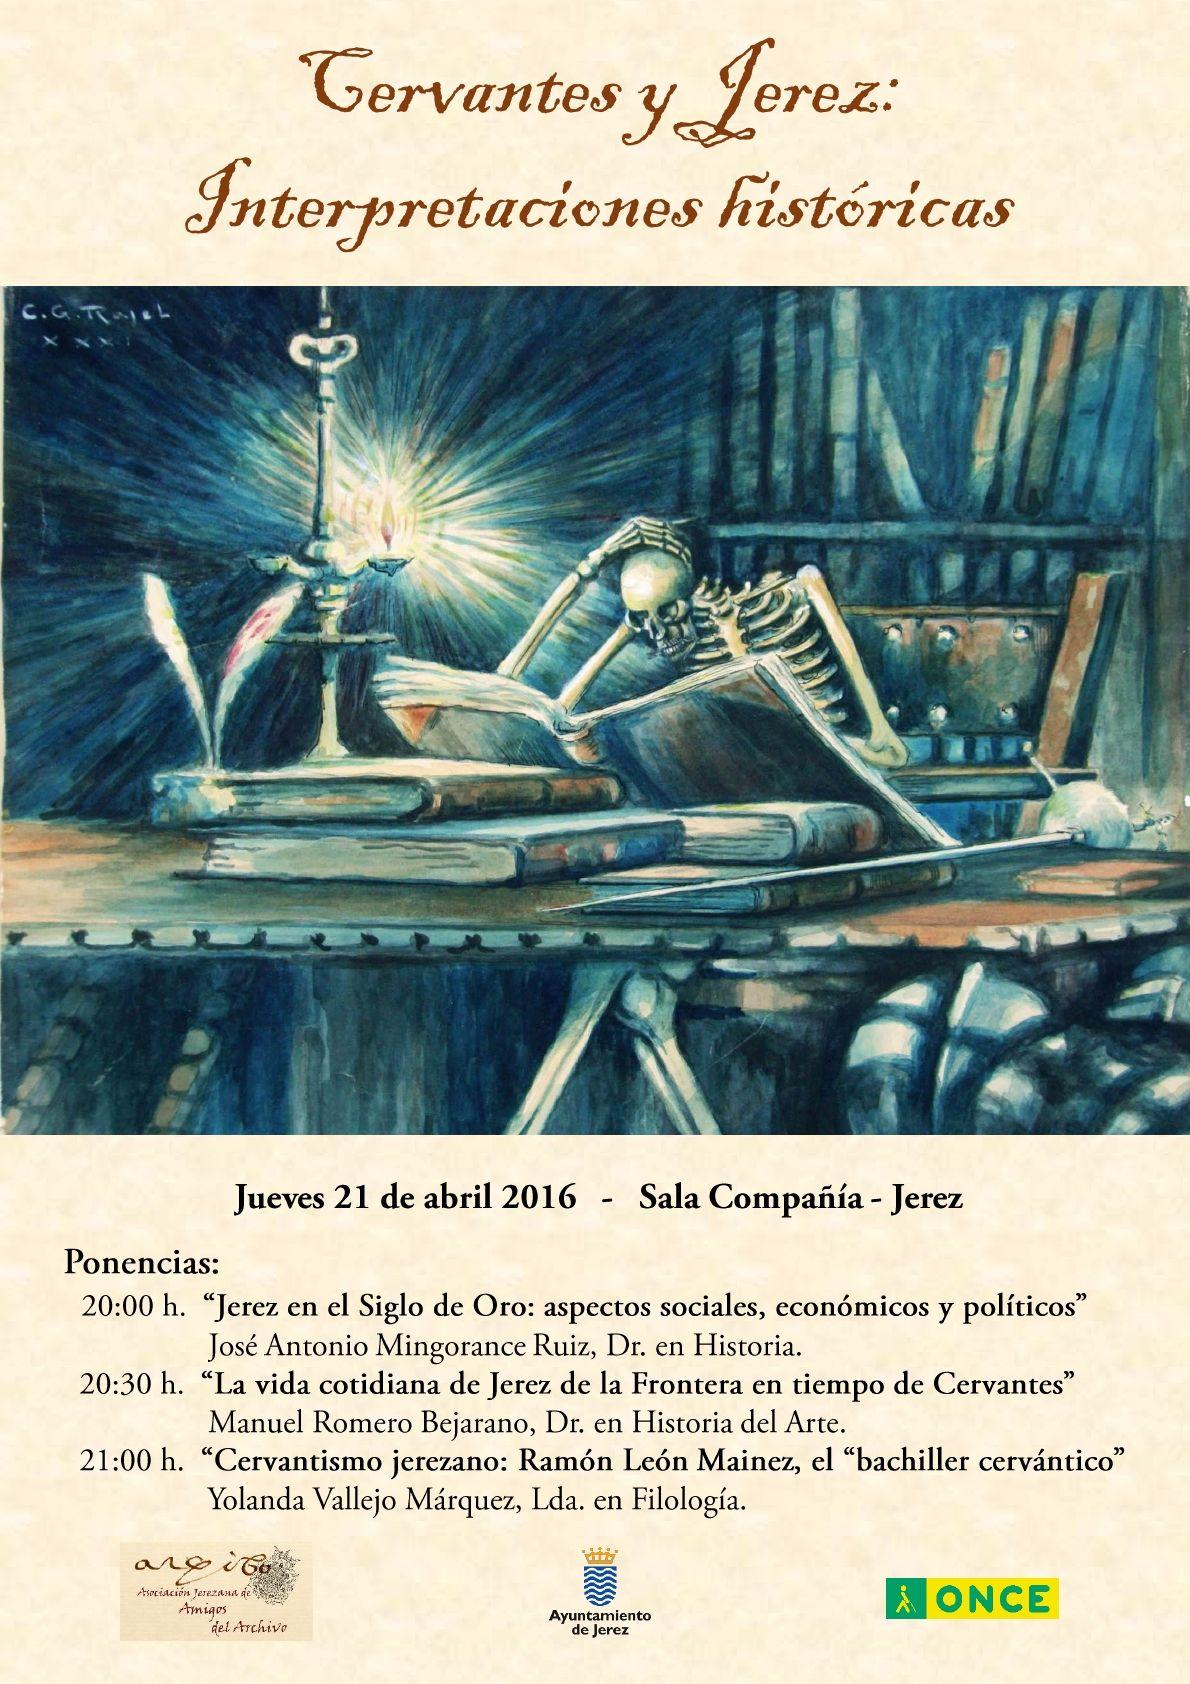 Cervantes_y_Jerez-1